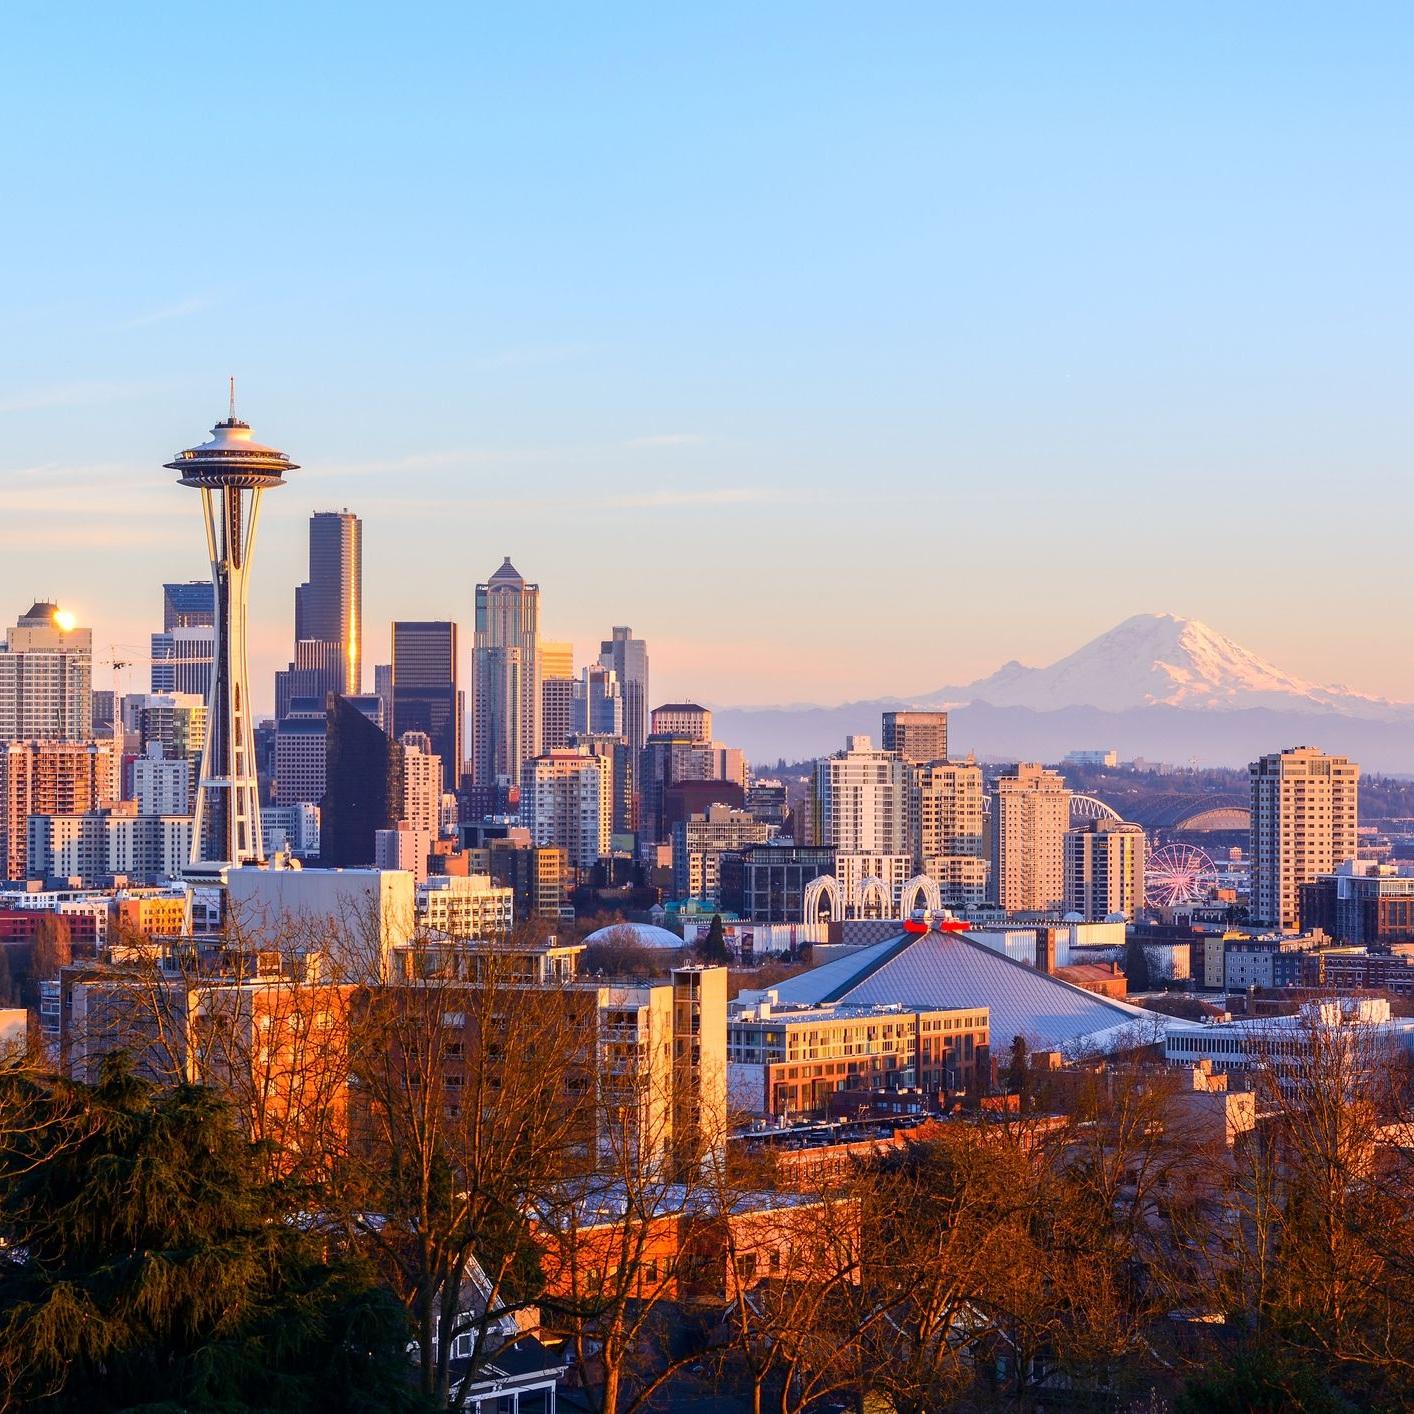 2019 Ice Fest Results - Seattle WA